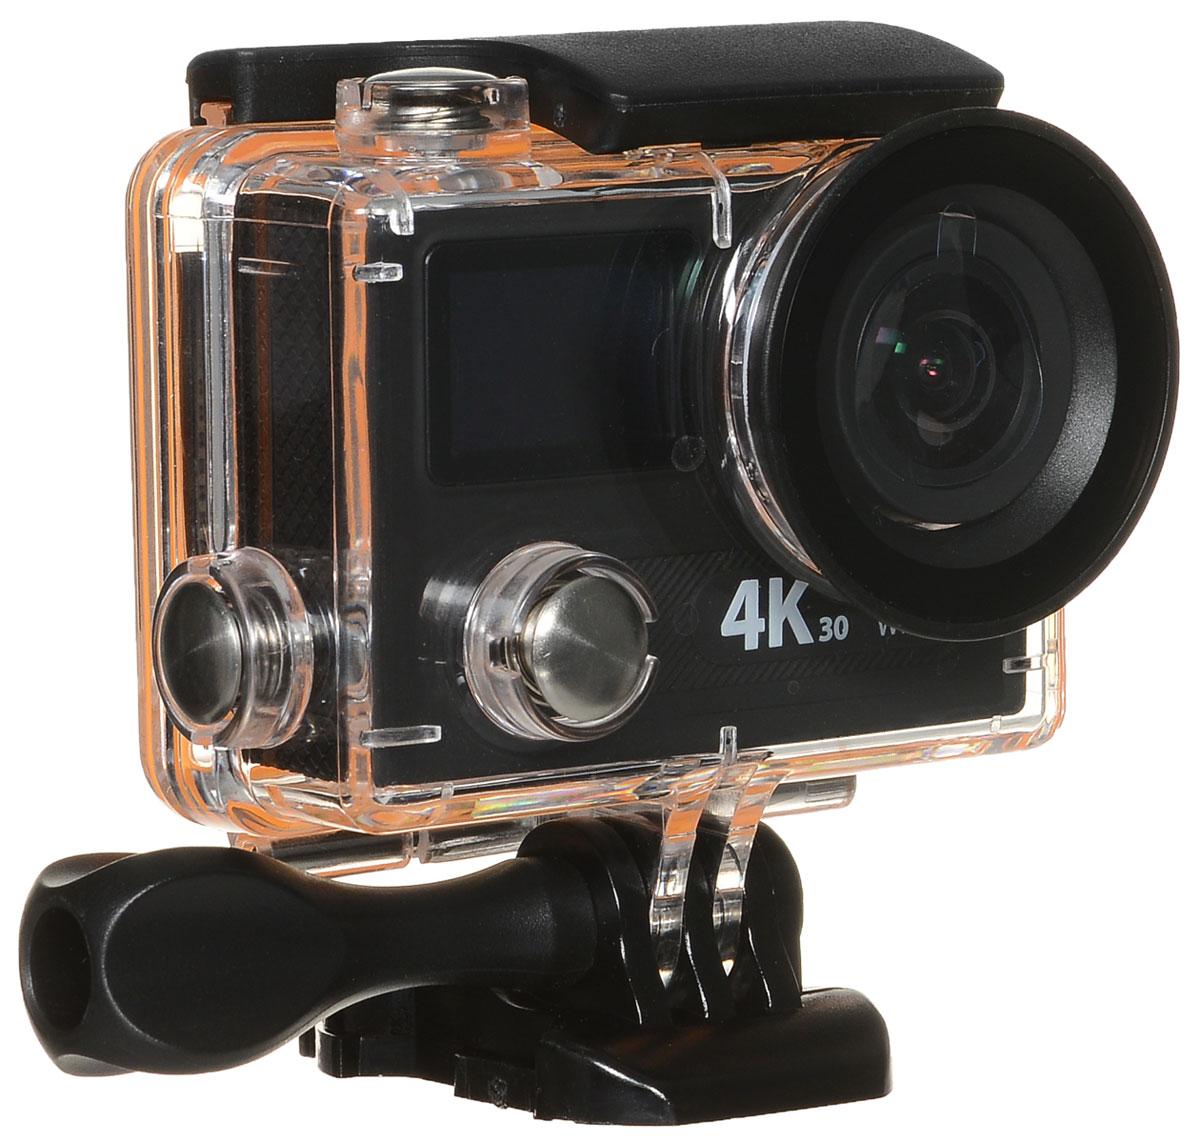 Eken H8 PRO Ultra HD экшн камераH8PROЭкшн-камера Eken H8 PRO Ultra HD позволяет записывать видео с разрешением 4К и очень плавным изображением до 30 кадров в секунду. Камера имеет два дисплея: 2 TFT LCD основной экран и 0.95 OLED экран статуса (уровень заряда батареи, подключение к Wi-Fi, режим съемки и длительность записи). Эта модель сделана для любителей спорта на улице, подводного плавания, скейтбординга, скай-дайвинга, скалолазания, бега или охоты. Снимайте с руки, на велосипеде, в машине и где угодно. По сравнению с предыдущими версиями, в Eken H8 PRO Ultra HD вы найдете уменьшенные размеры корпуса, увеличенный до 2-х дюймов экран, невероятную оптику и фантастическое разрешение изображения при съемке 30 кадров в секунду! Управляйте вашей H8 PRO на своем смартфоне или планшете. Приложение Ez iCam App позволяет работать с браузером и наблюдать все то, что видит ваша камера. В комплекте с камерой идет пульт ДУ работающий на частоте 2,4 Ггц. Он позволяет начинать и заканчивать съемку удаленно. ...